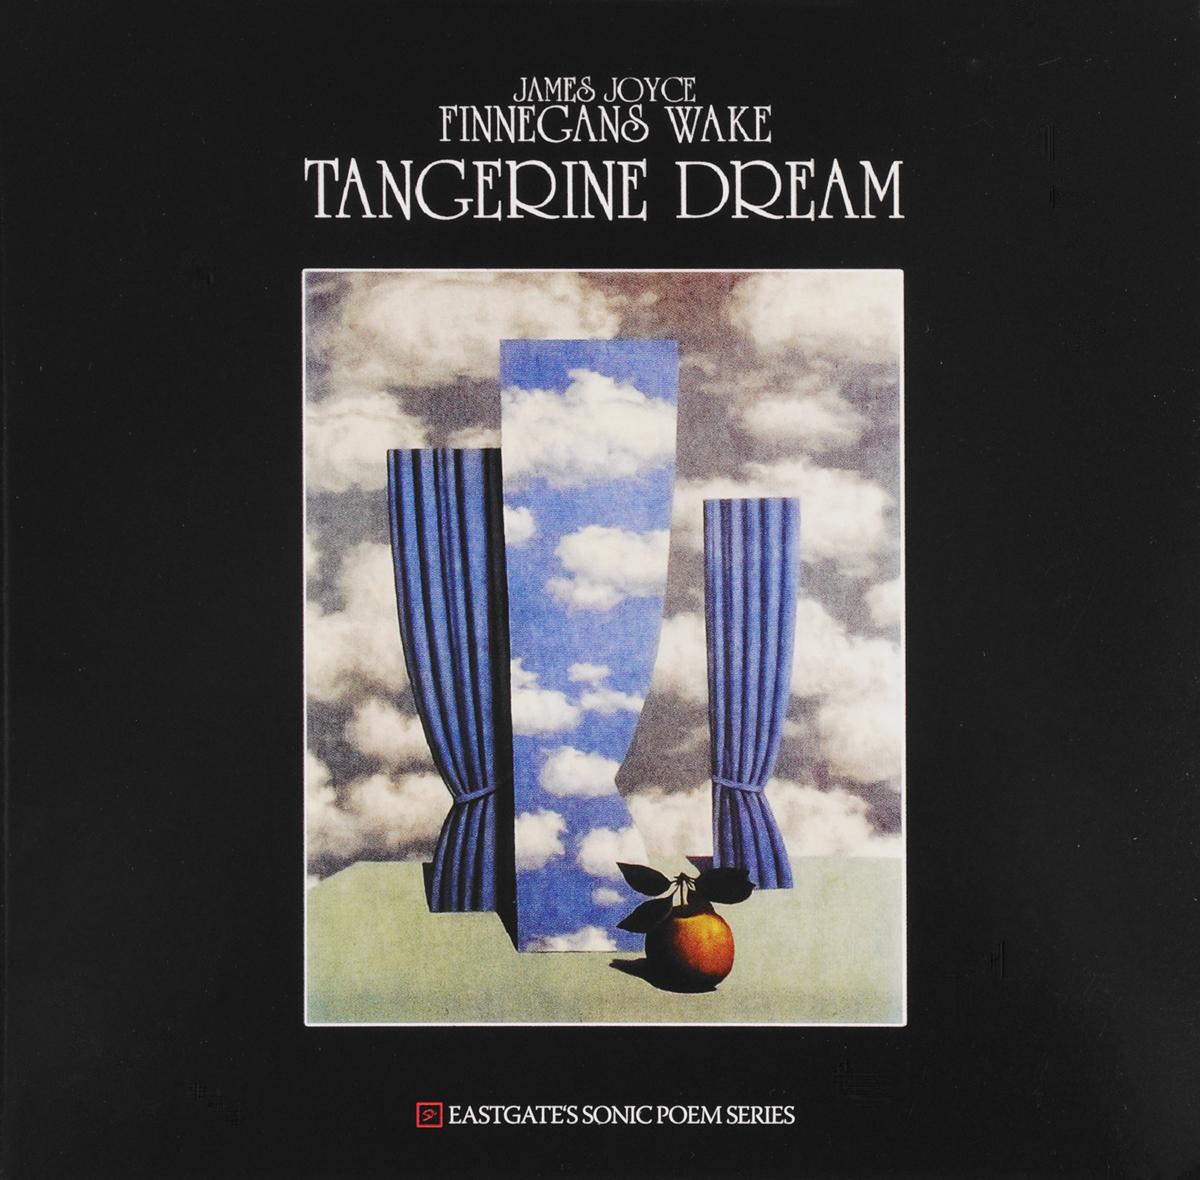 Tangerine Dream Tangerine Dream. Finnegans Wake tangerine dream tangerine dream finnegans wake